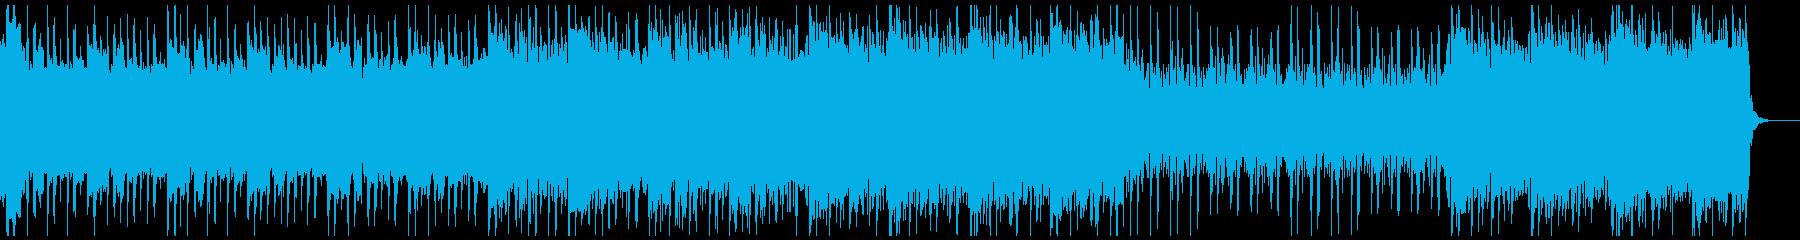 エキセントリックで奇妙なメロディの再生済みの波形